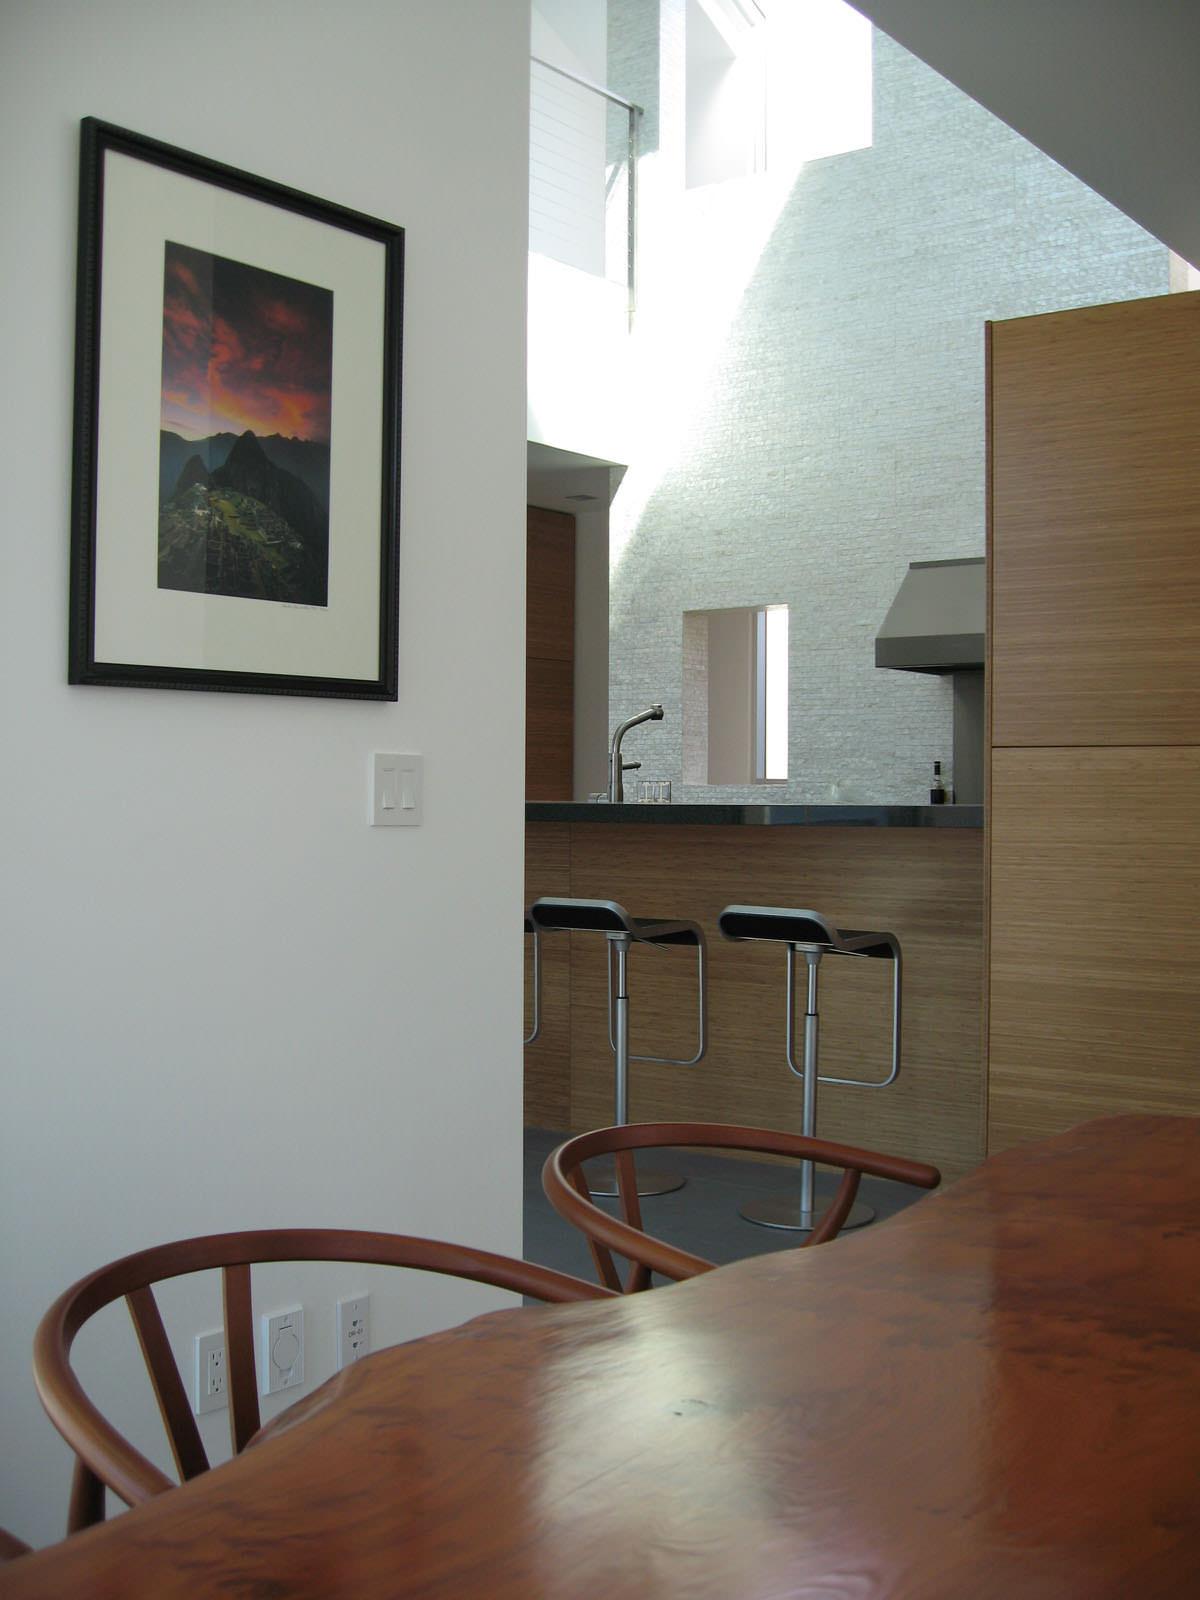 manhattan-beach-california-kitchen-view-dining-room-interior-design-montgomery-home.jpg